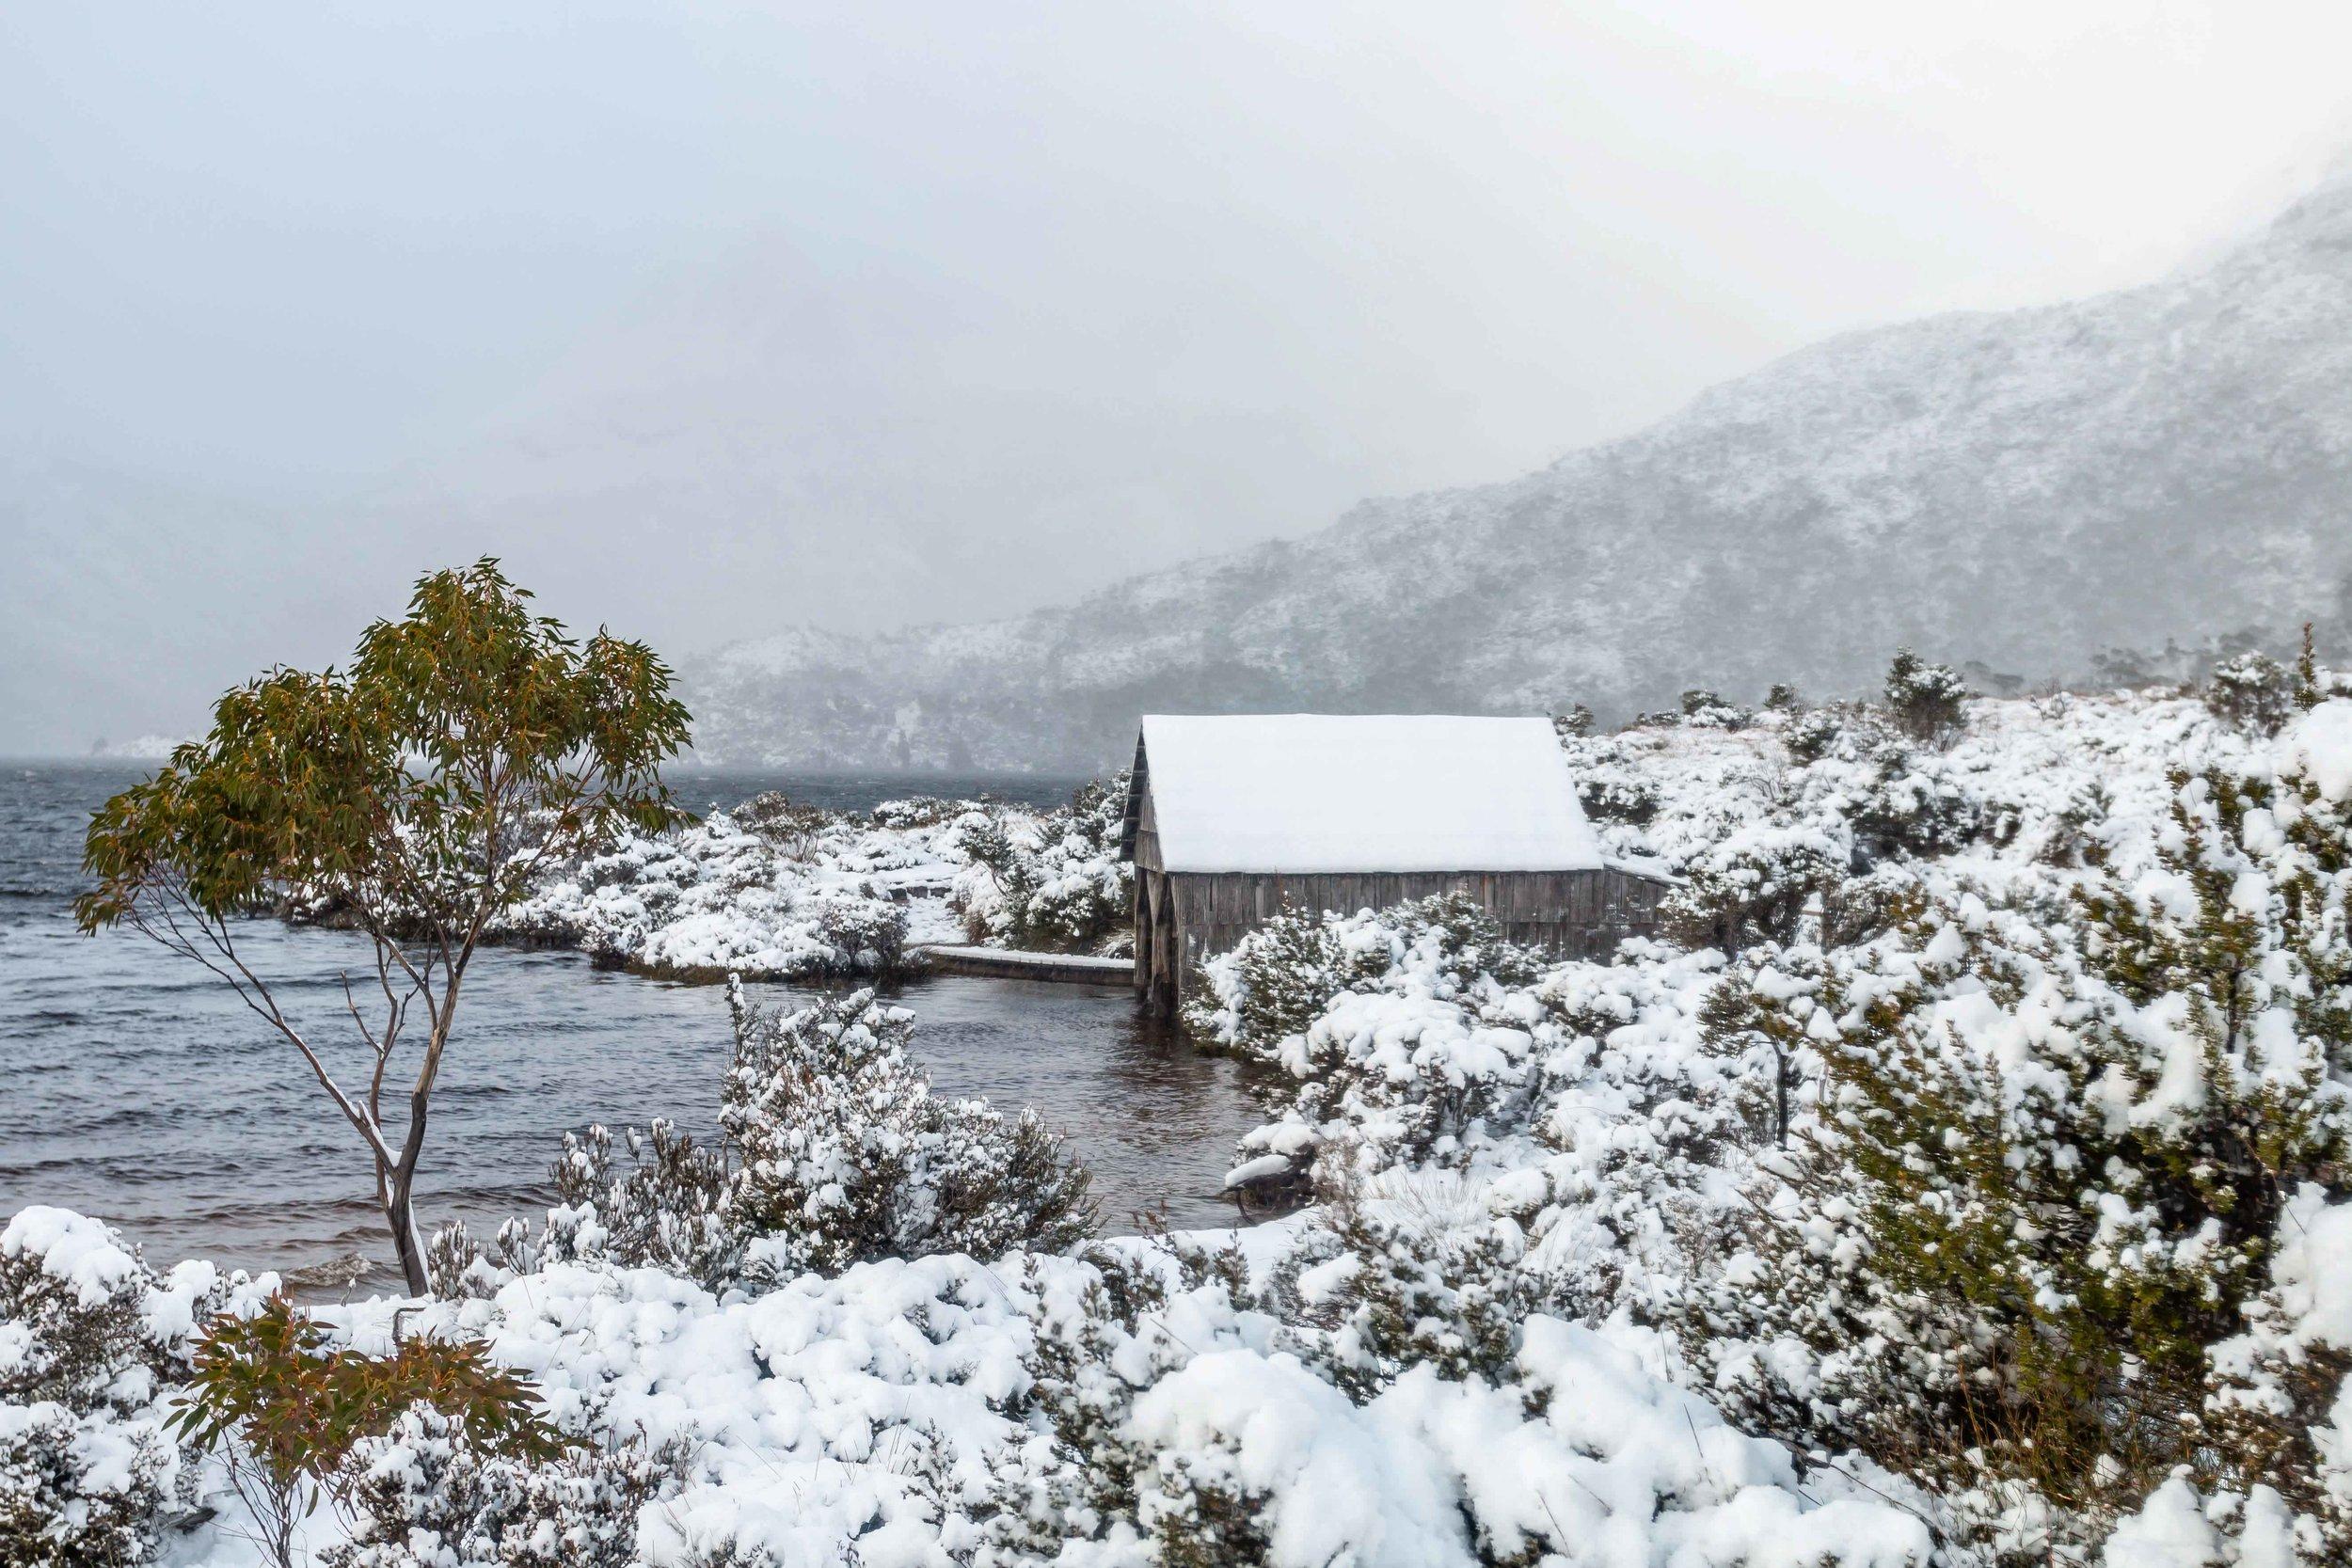 Dove Lake Winter, Cradle Mountain, Tasmania